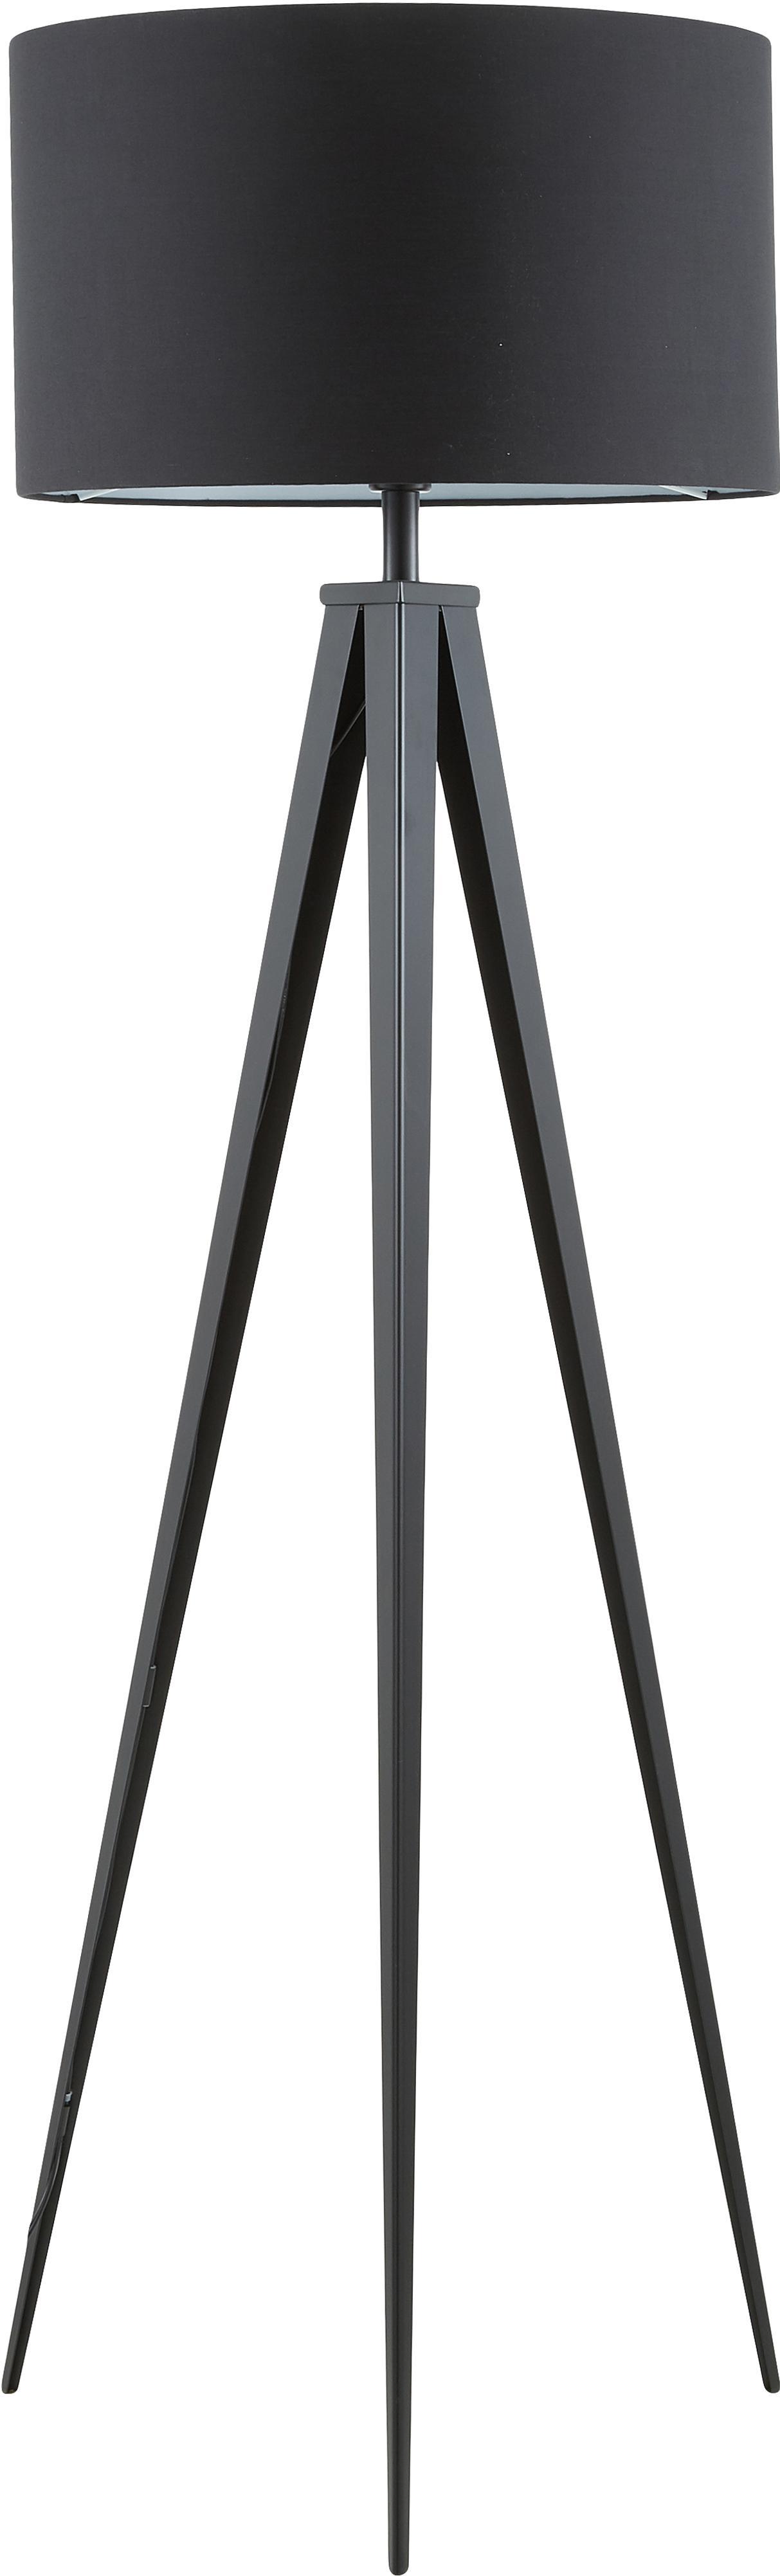 Stehlampe Jake, Lampenschirm: Textil, Lampenfuß: Metall, pulverbeschichtet, Lampenschirm: SchwarzLampenfuß: Mattschwarz, Ø 50 x H 158 cm